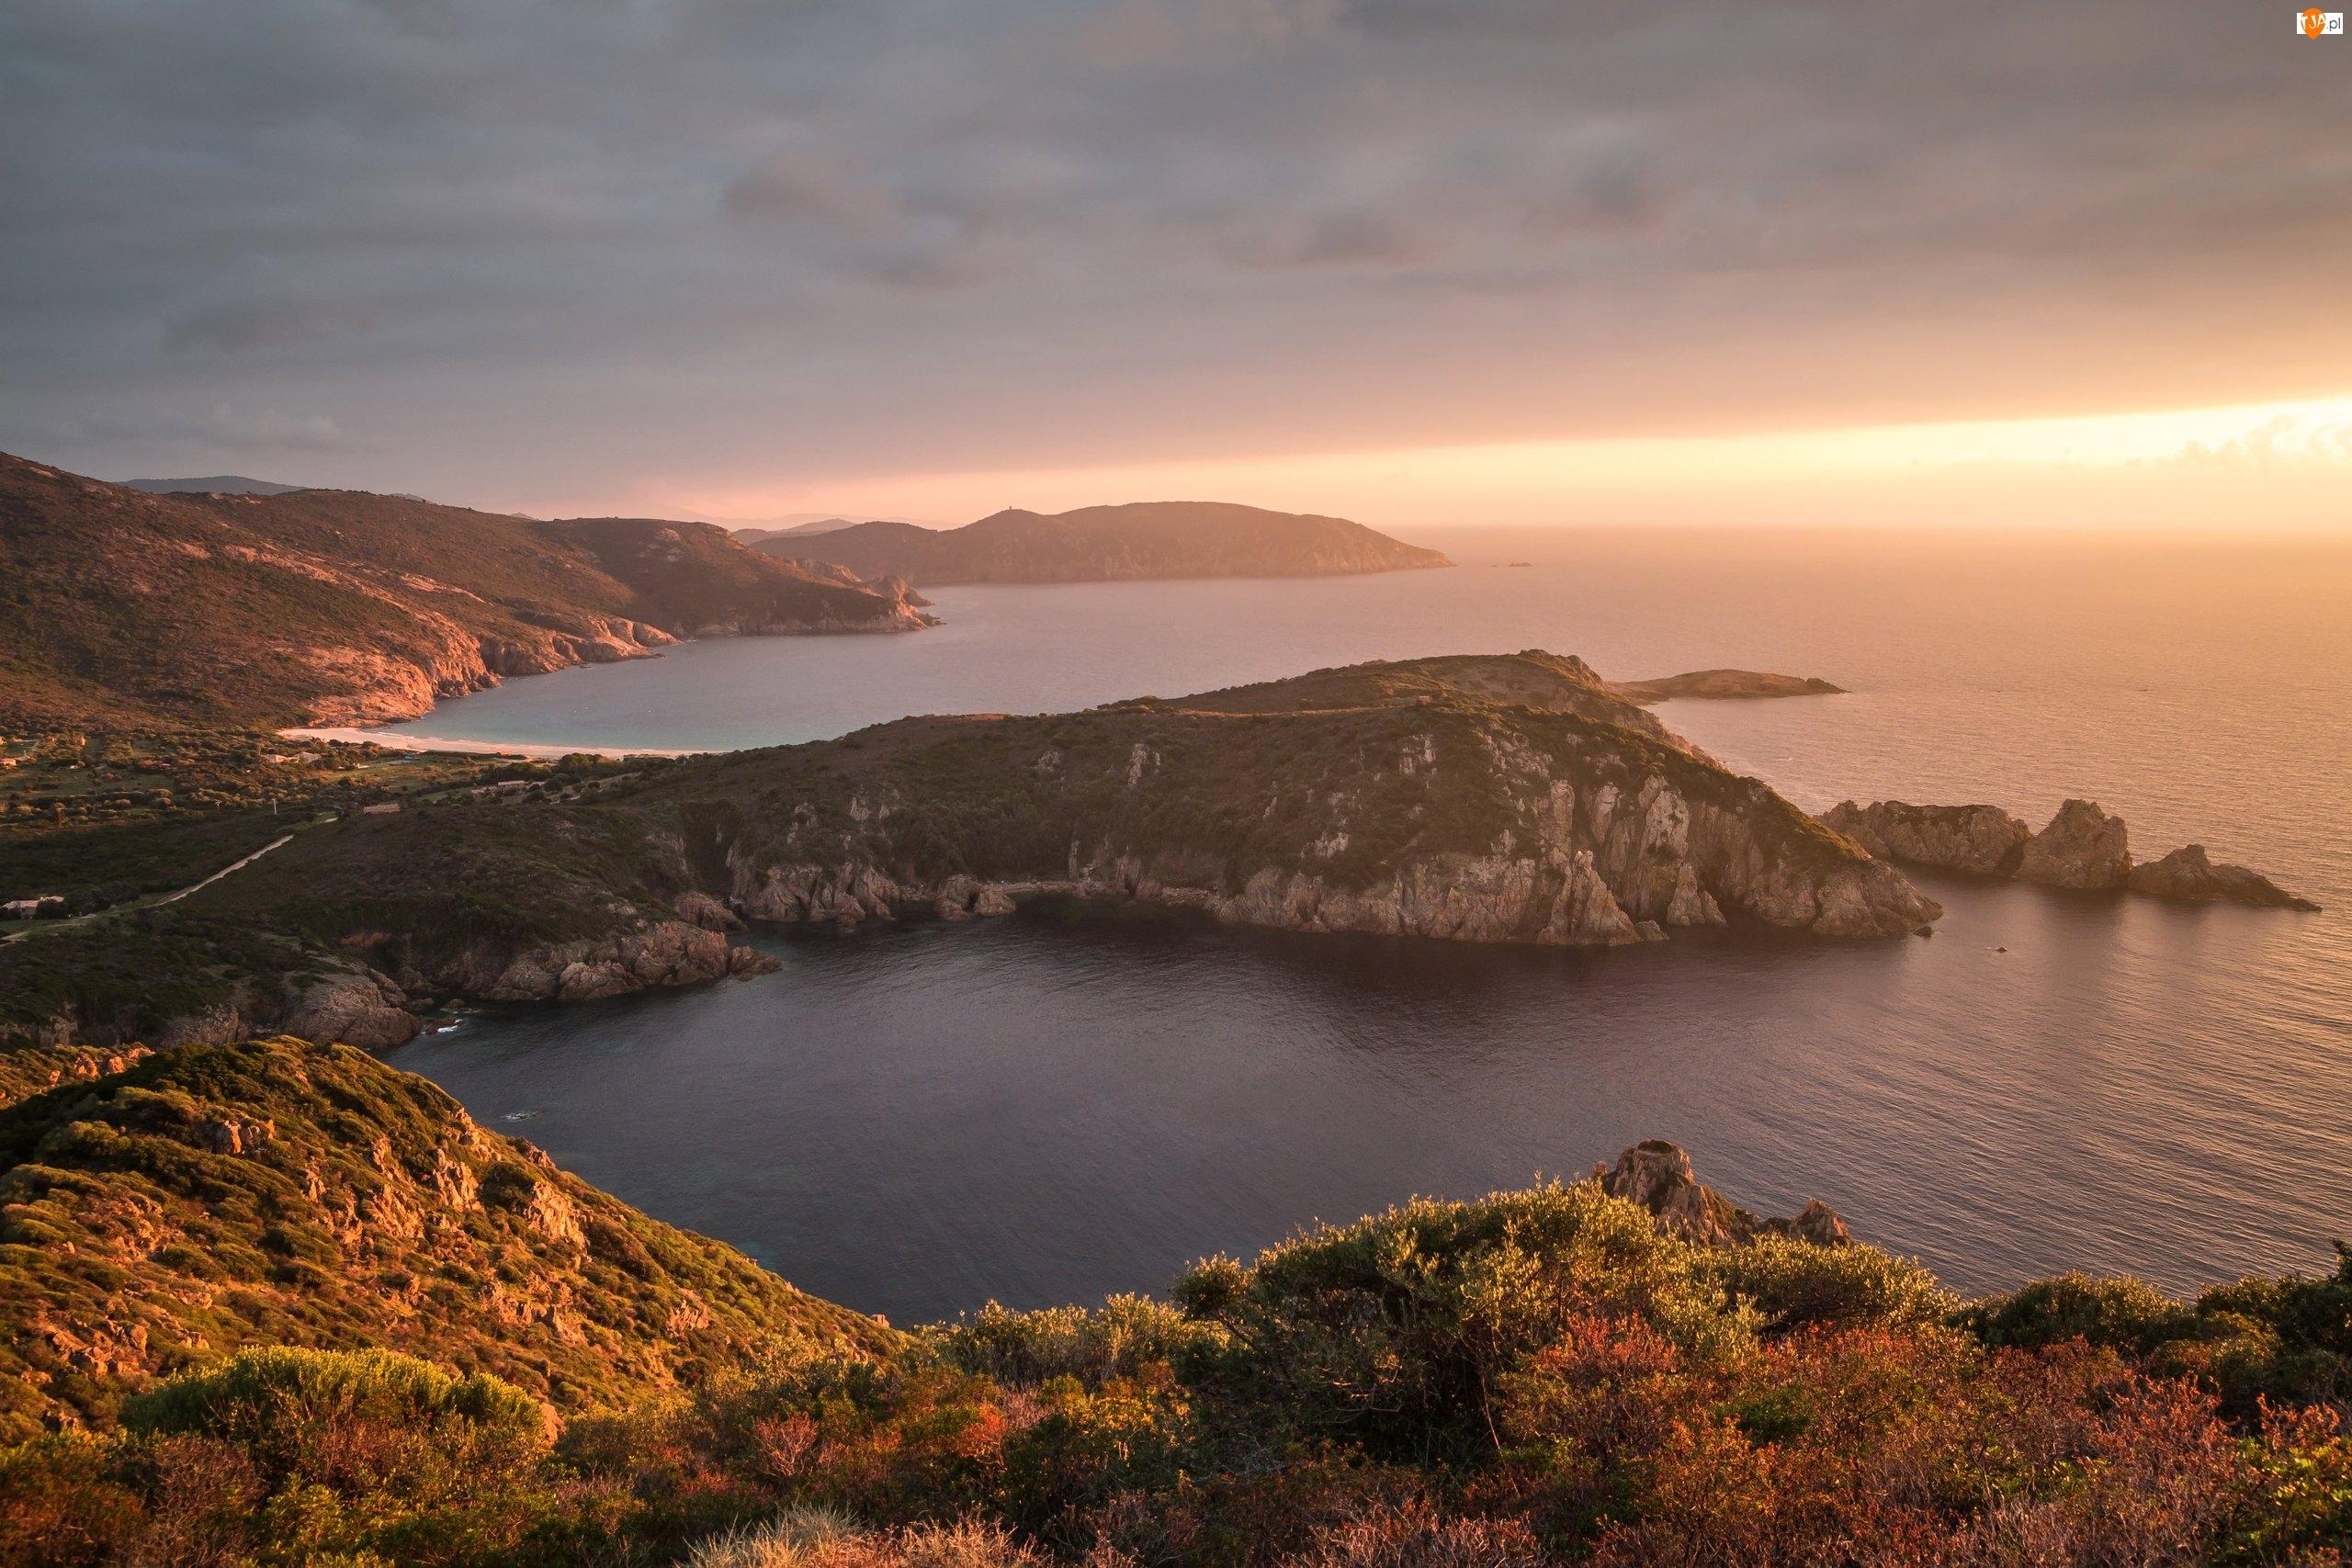 Morze, Skały, Francja, Wybrzeże, Korsyka, Zachód słońca